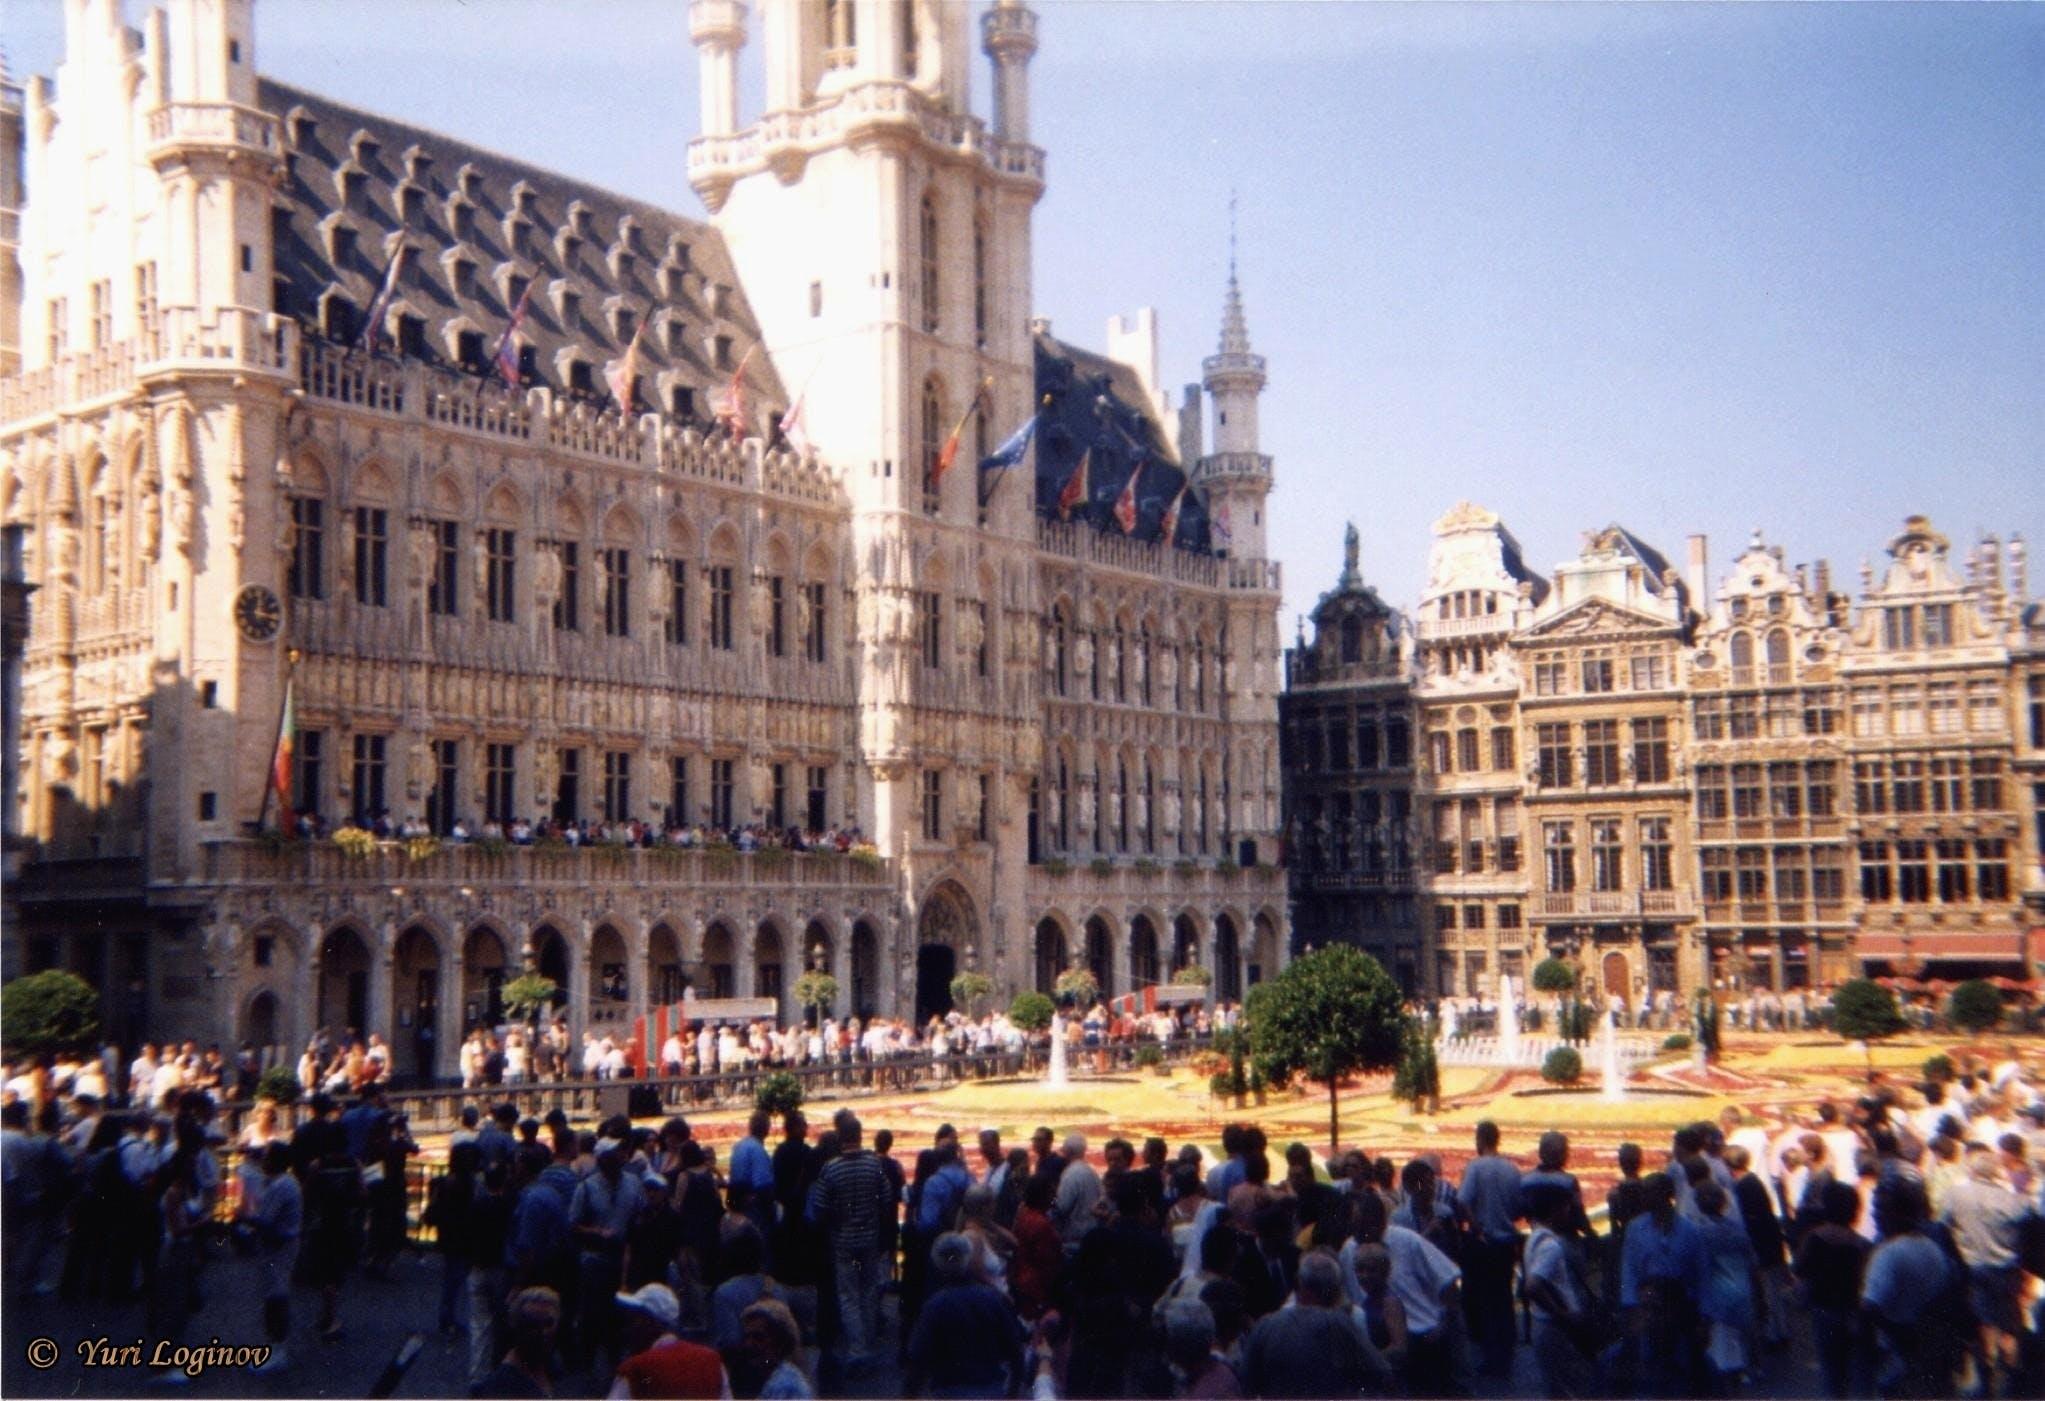 Free stock photo of Belgium, belgique, grand place, Bruxelles